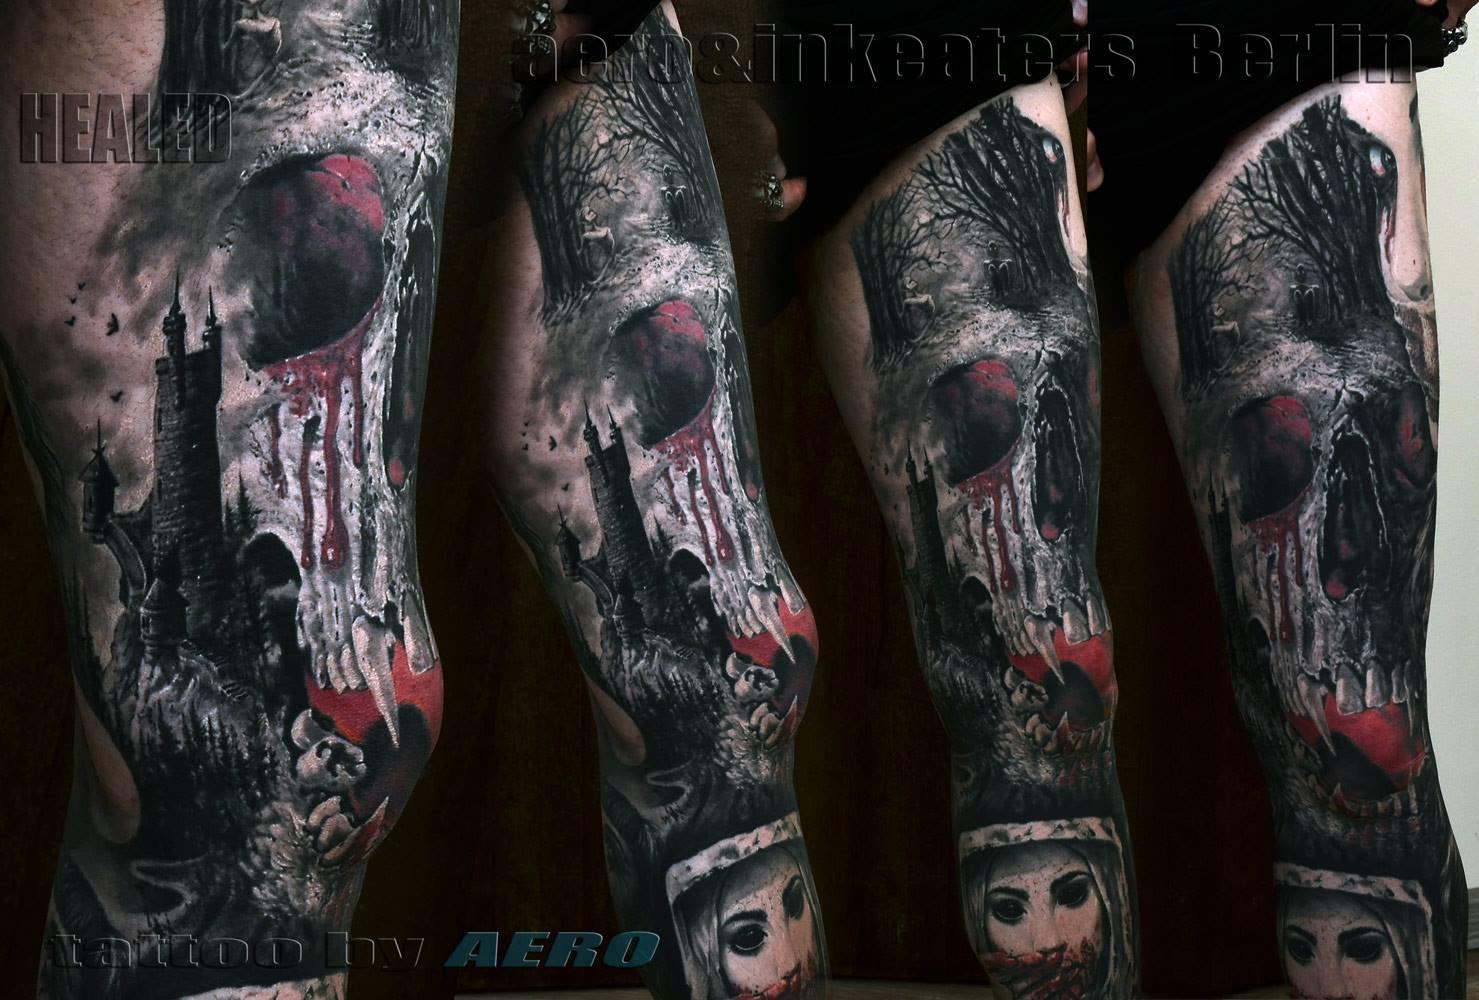 Tattoo von einem dunklen Turm, einem dämonischen Totenkopf und einem Wald auf dem Oberschenkel.